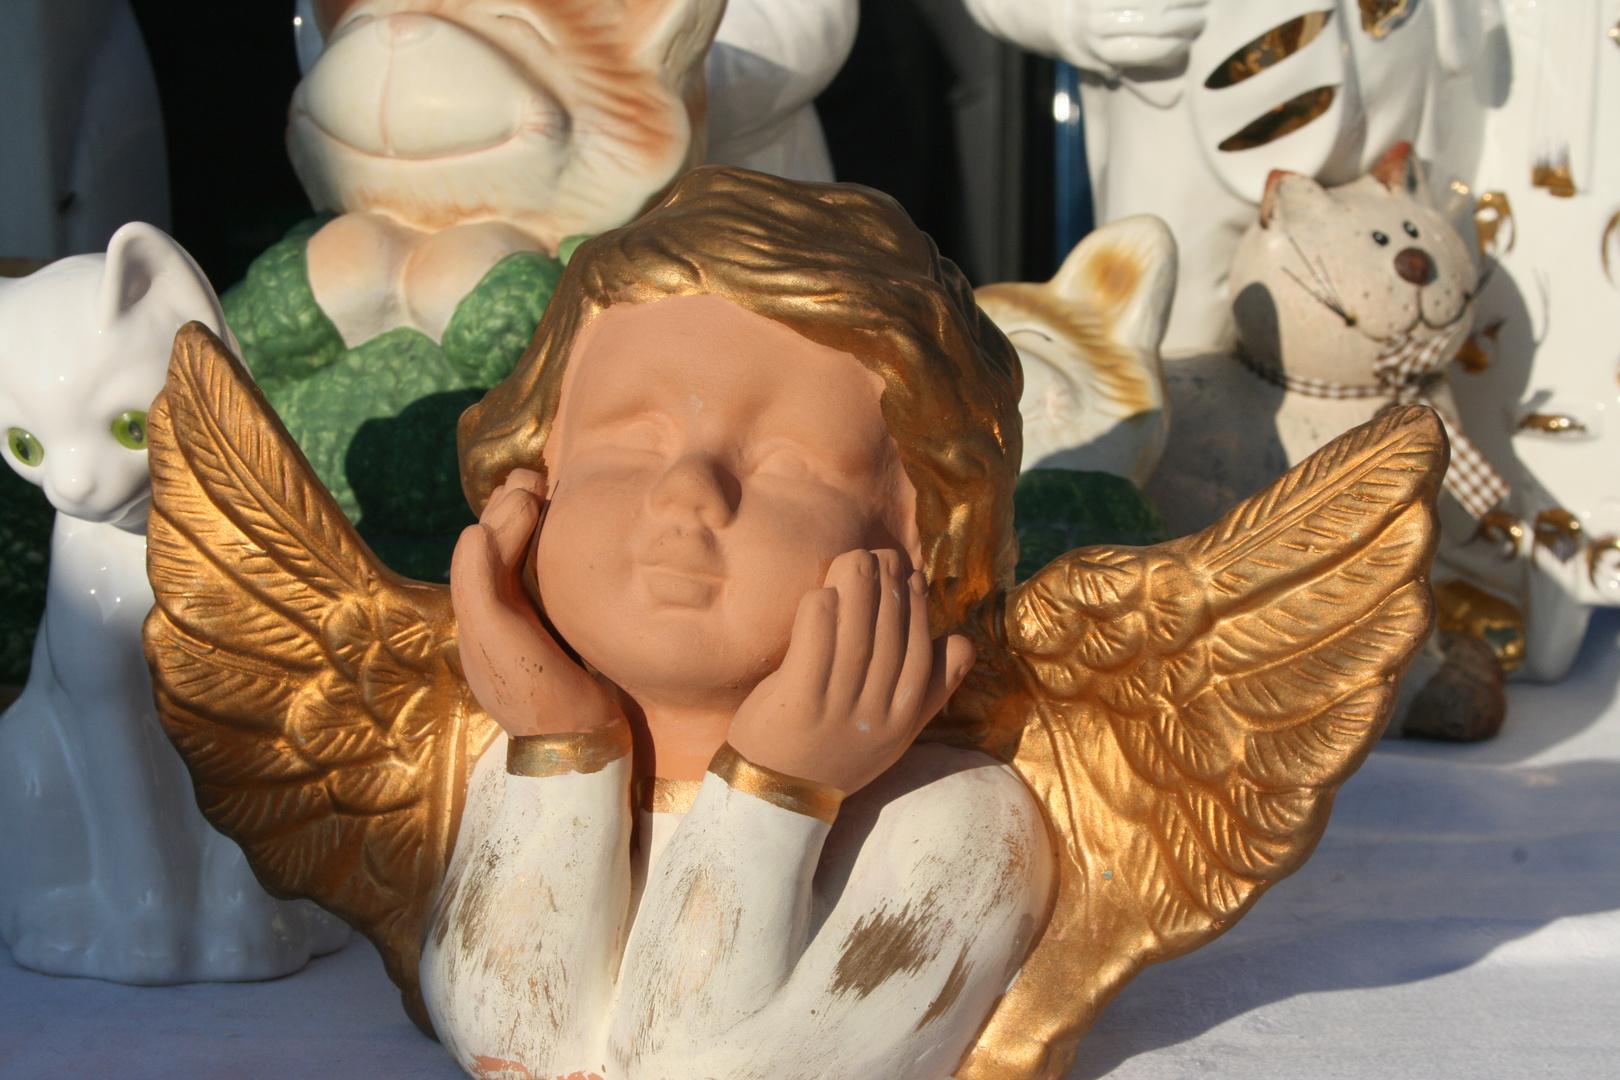 Engel sonnt sich